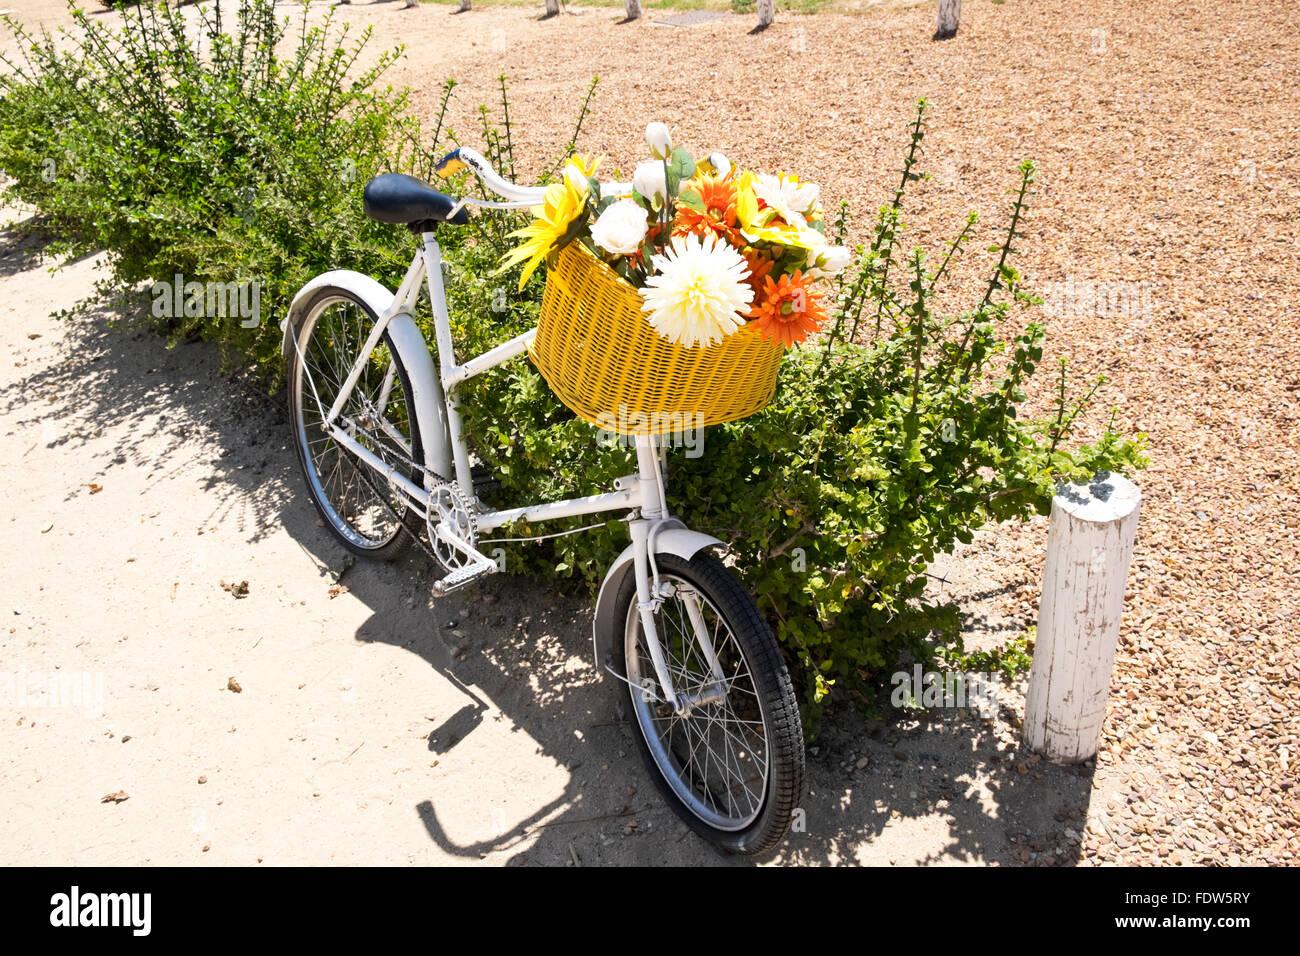 Ein Altes Fahrrad Dekoriert Mit Blumen Ausserhalb Einer Weinfarm